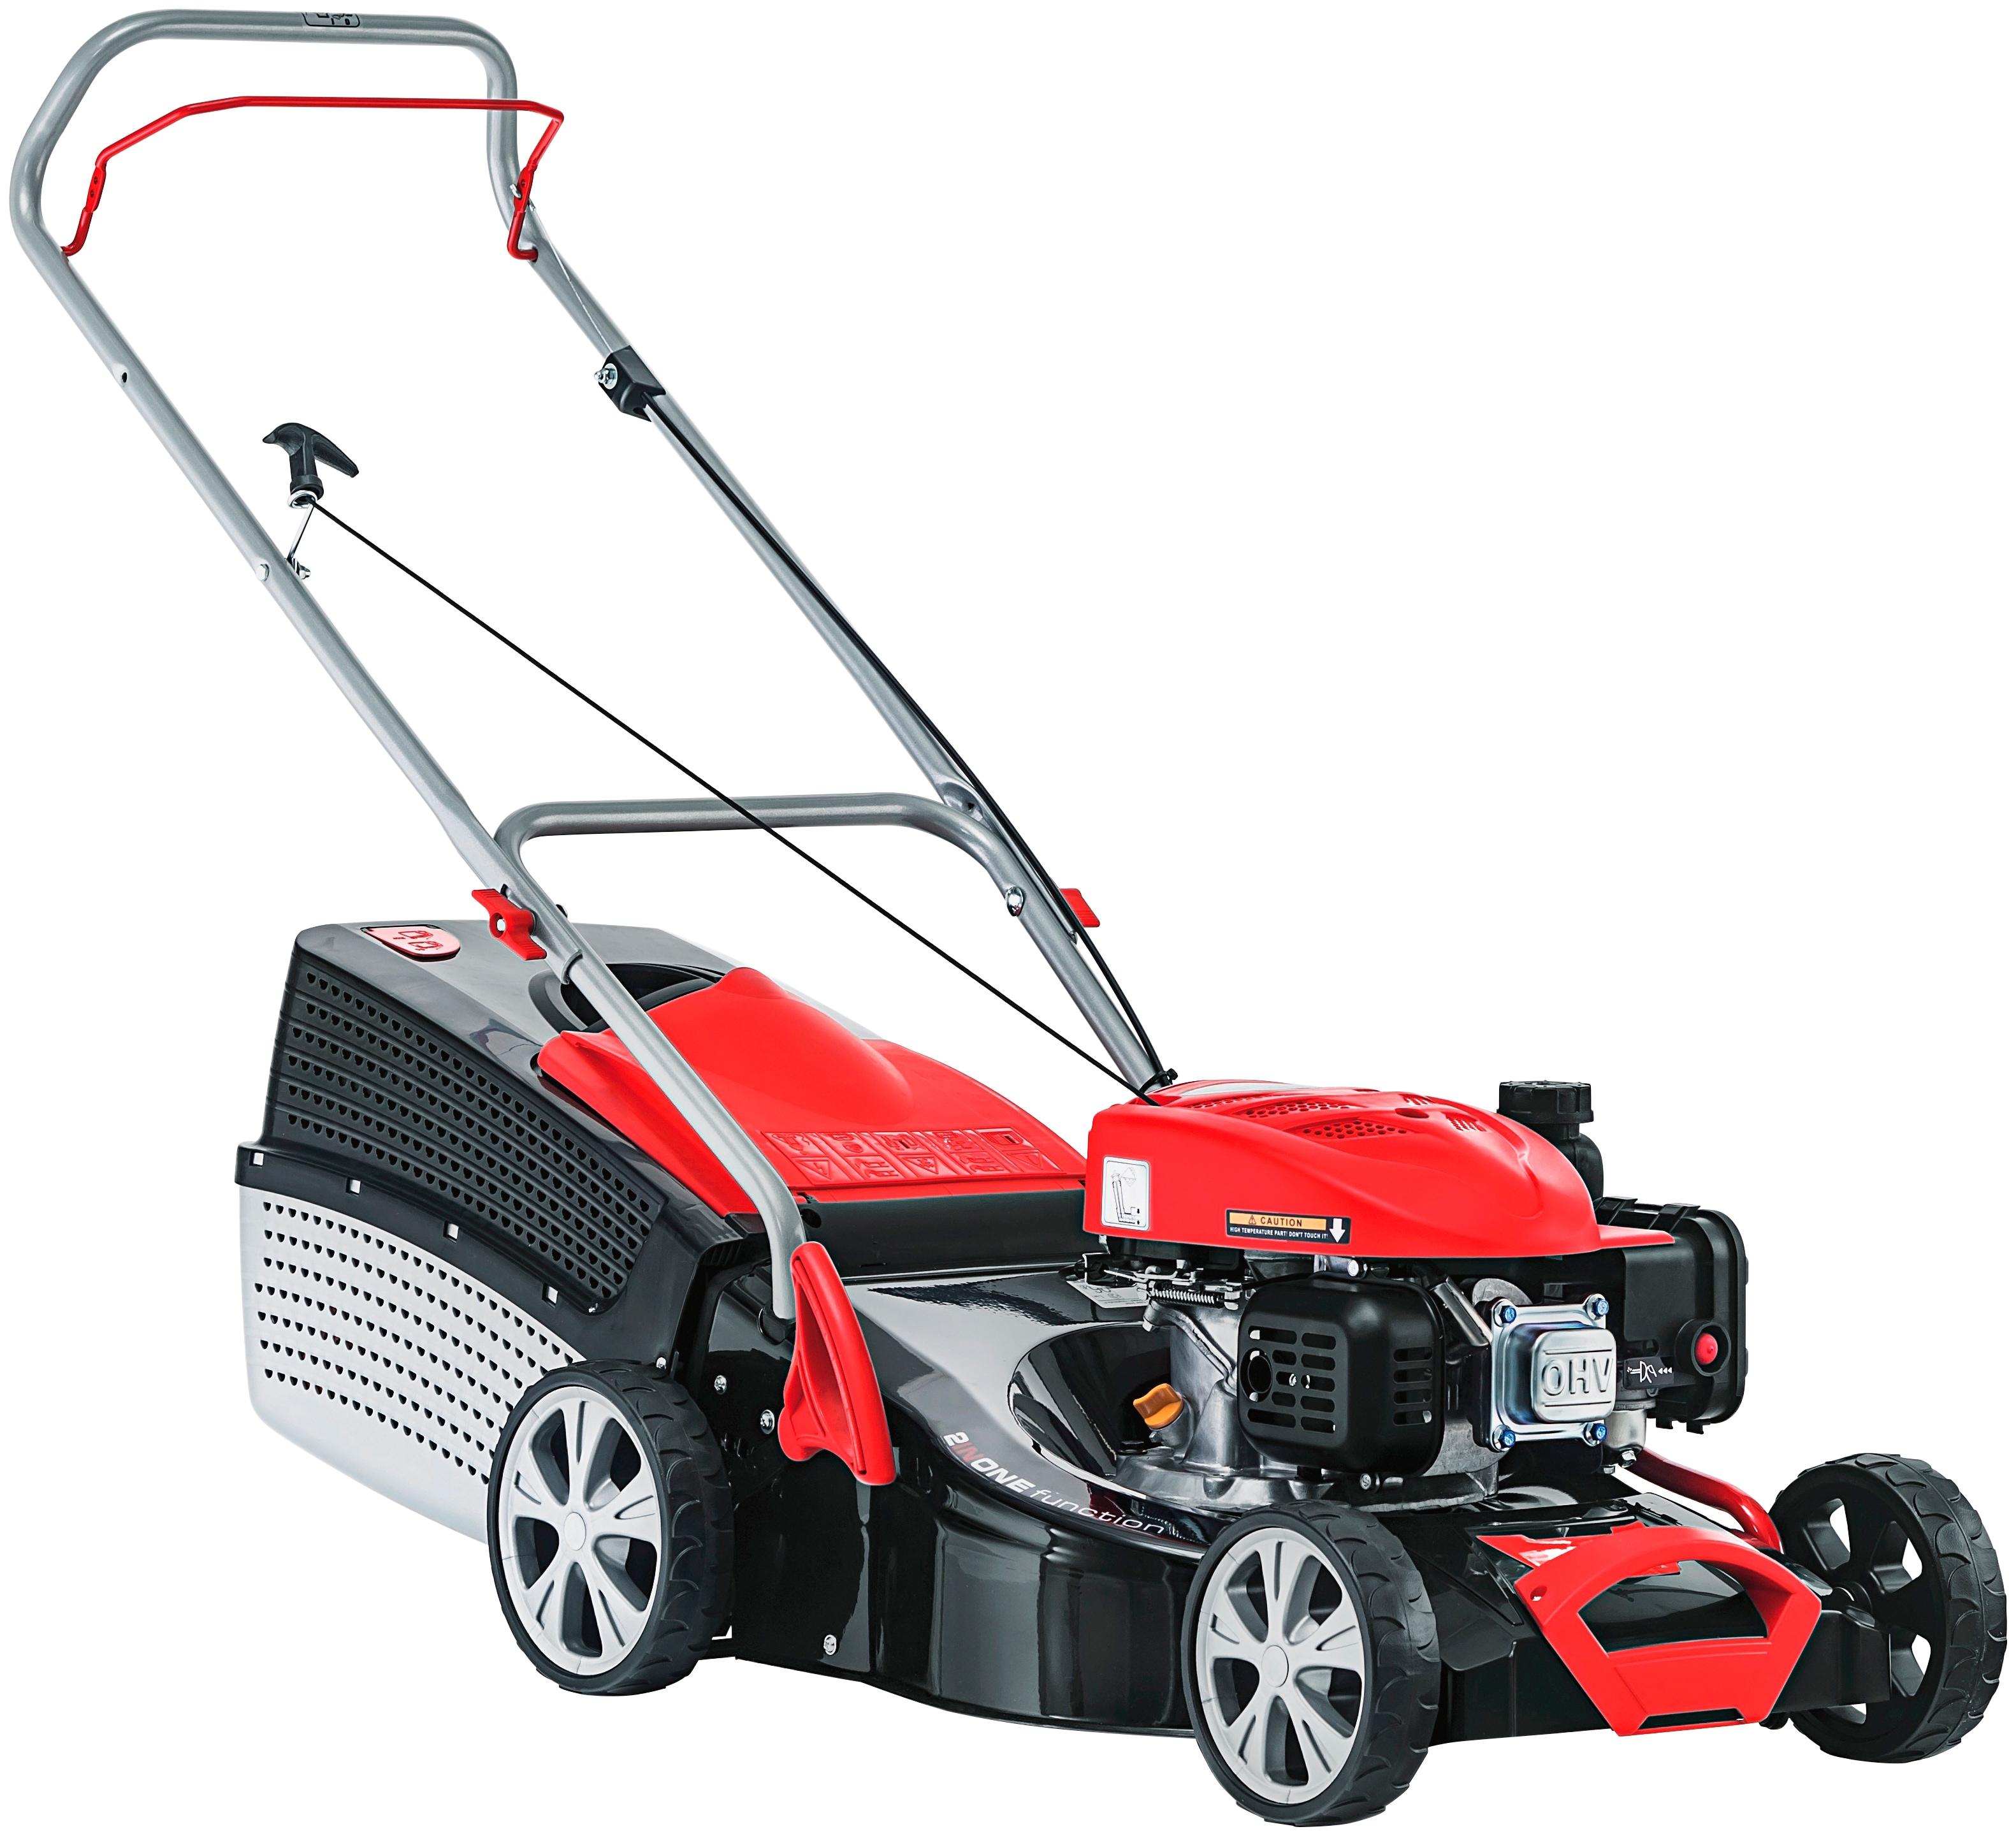 Gartenmaschinen Online Günstig Kaufen über Shop24at Shop24